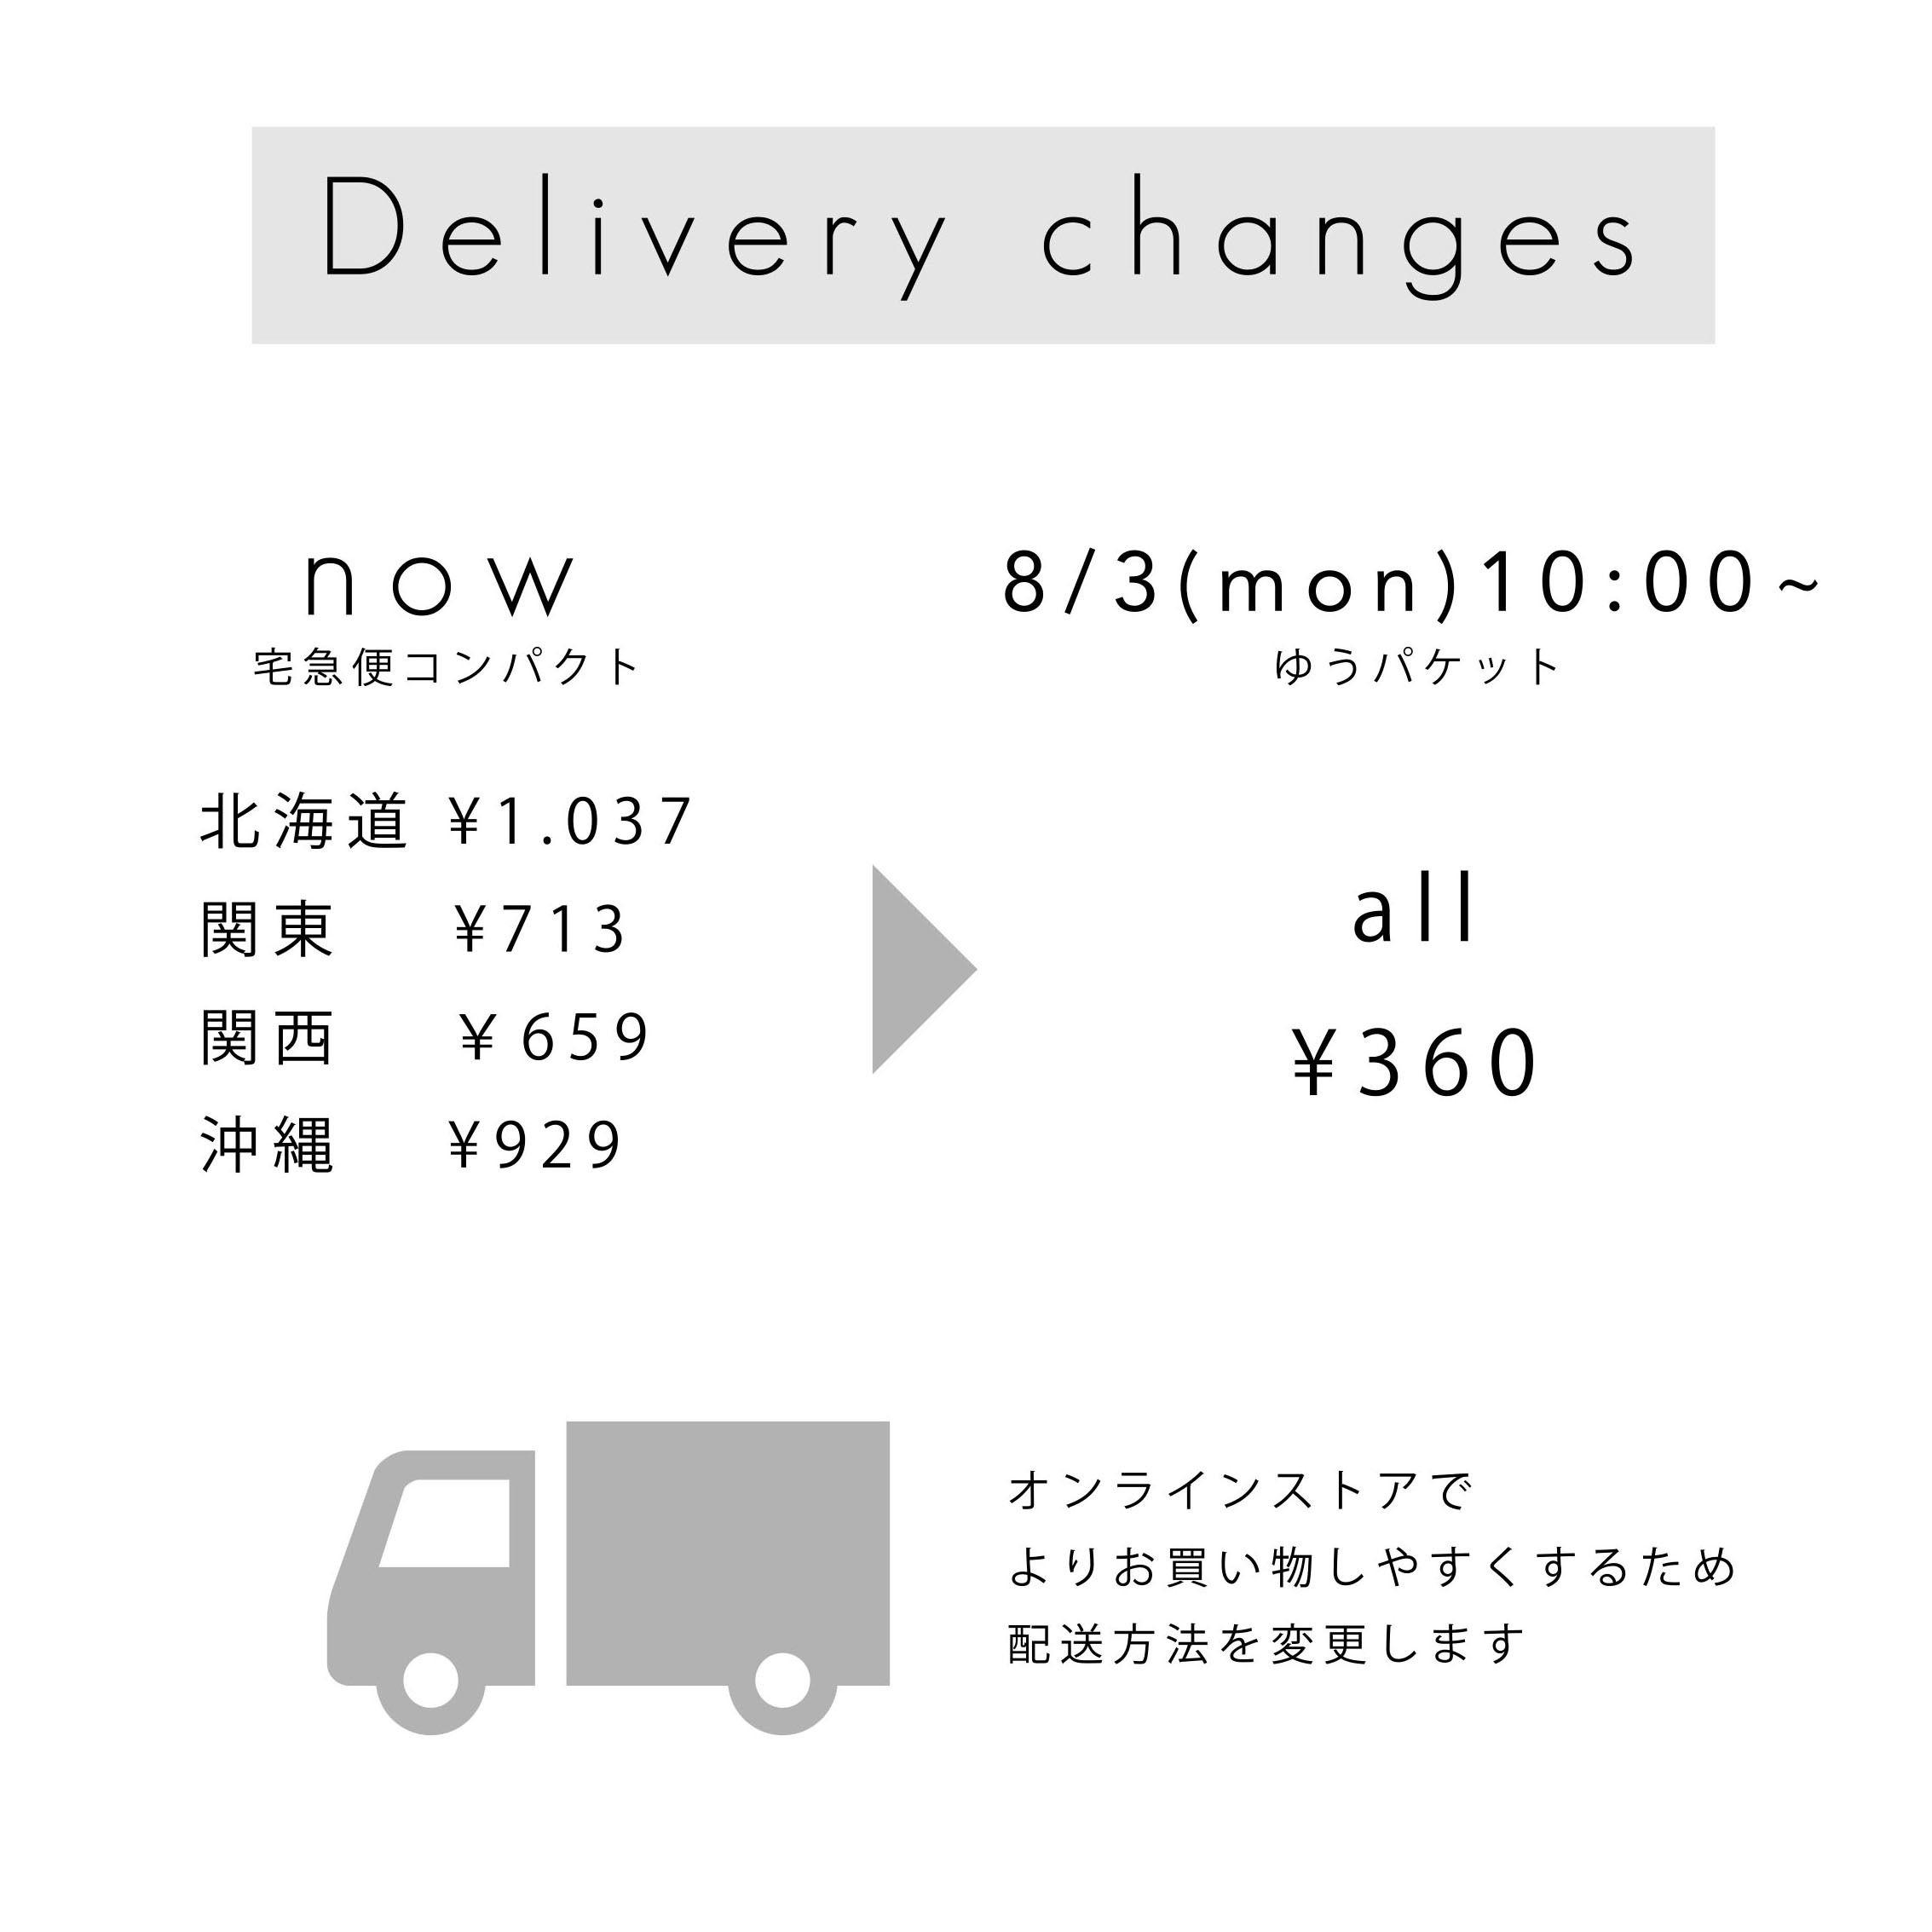 配送方法が変更になります